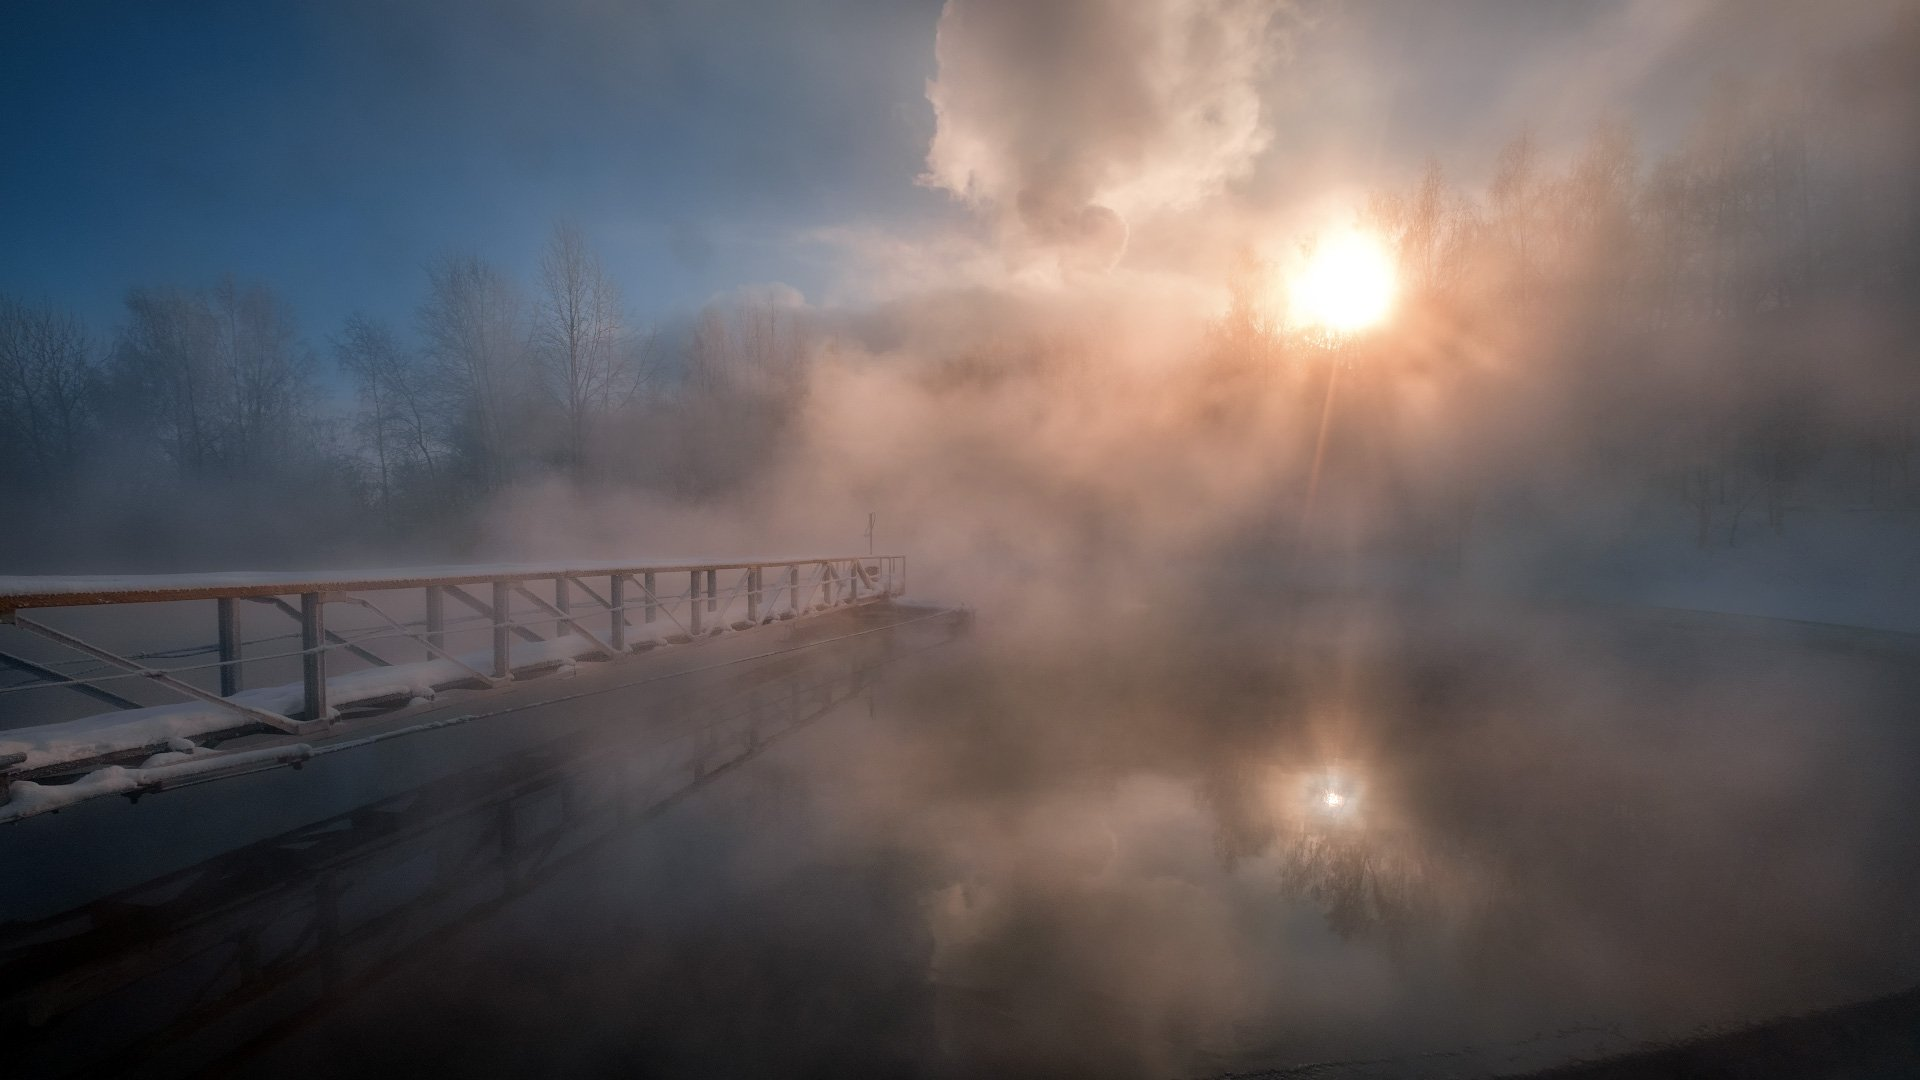 пейзаж, зима, туман, пар, лед, снег, утро, рассвет, восход, мороз, холод, пермь, пермский край, пцбк, Андрей Чиж